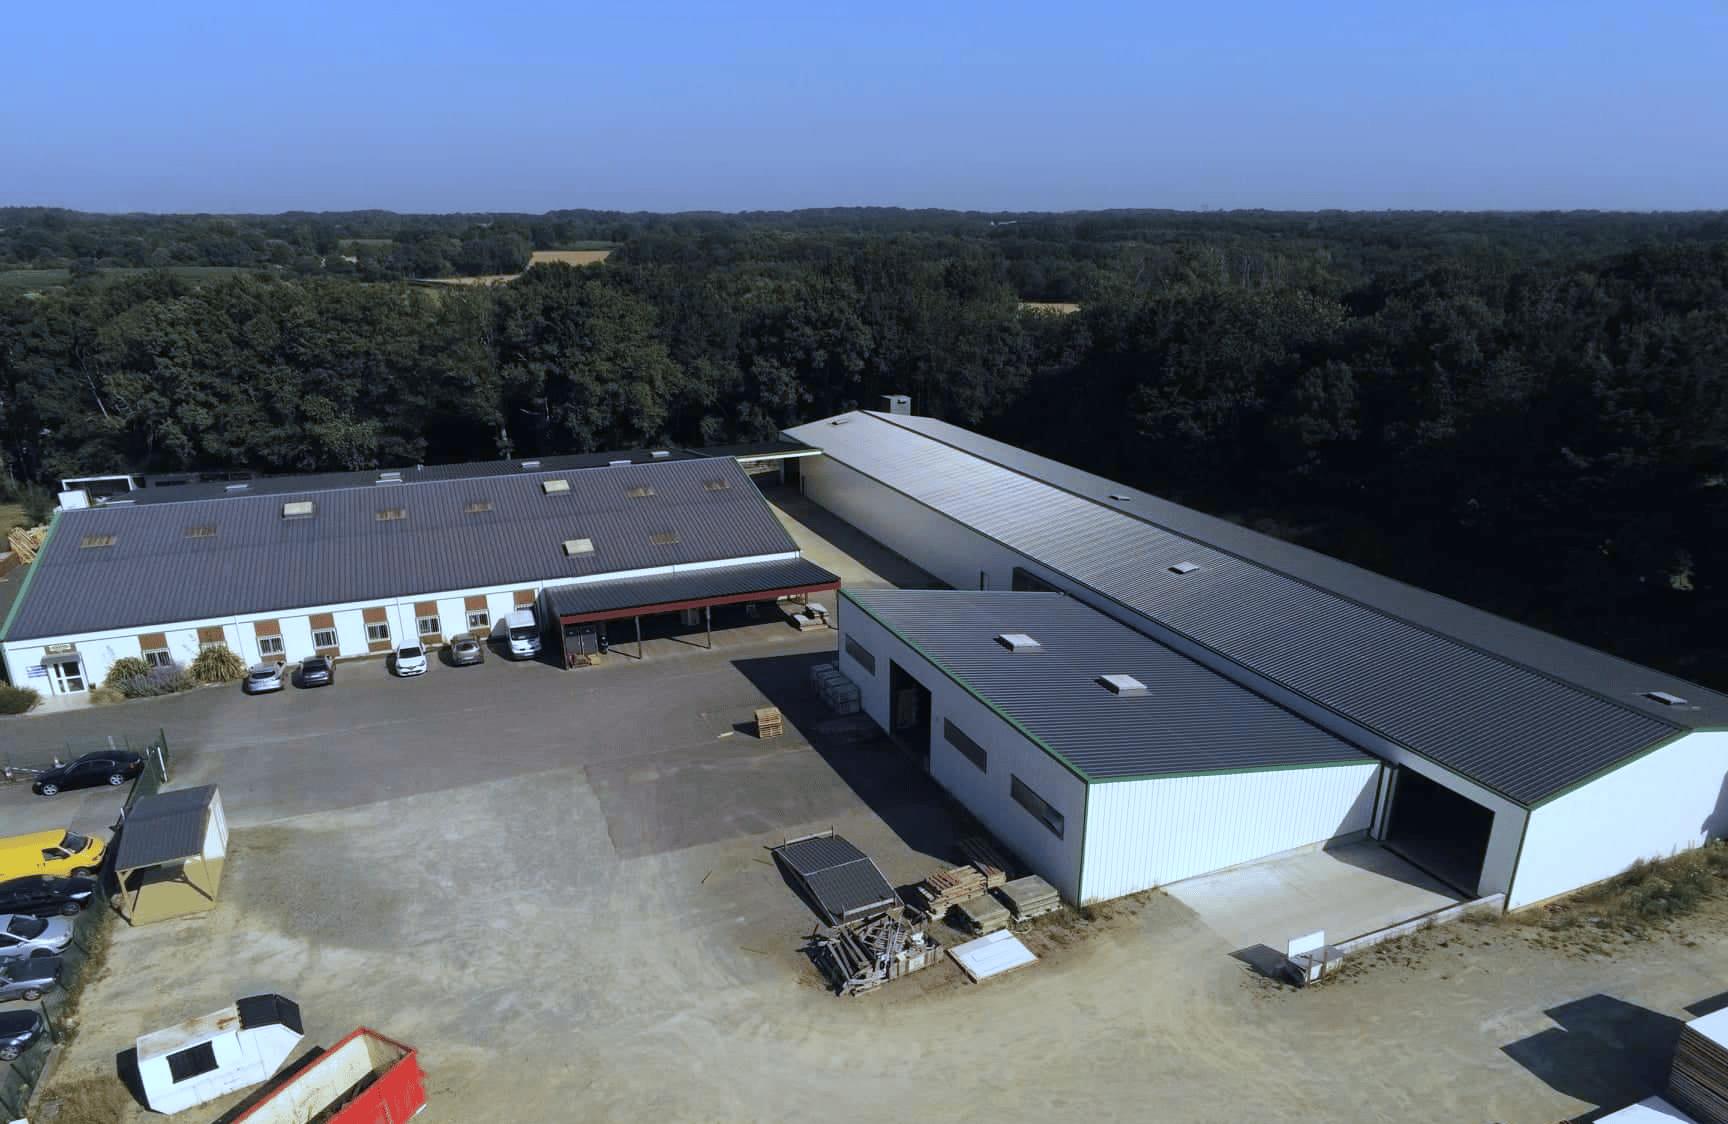 Vue aérienne de l'usine Kit Vulcain Industries à Malville (44)